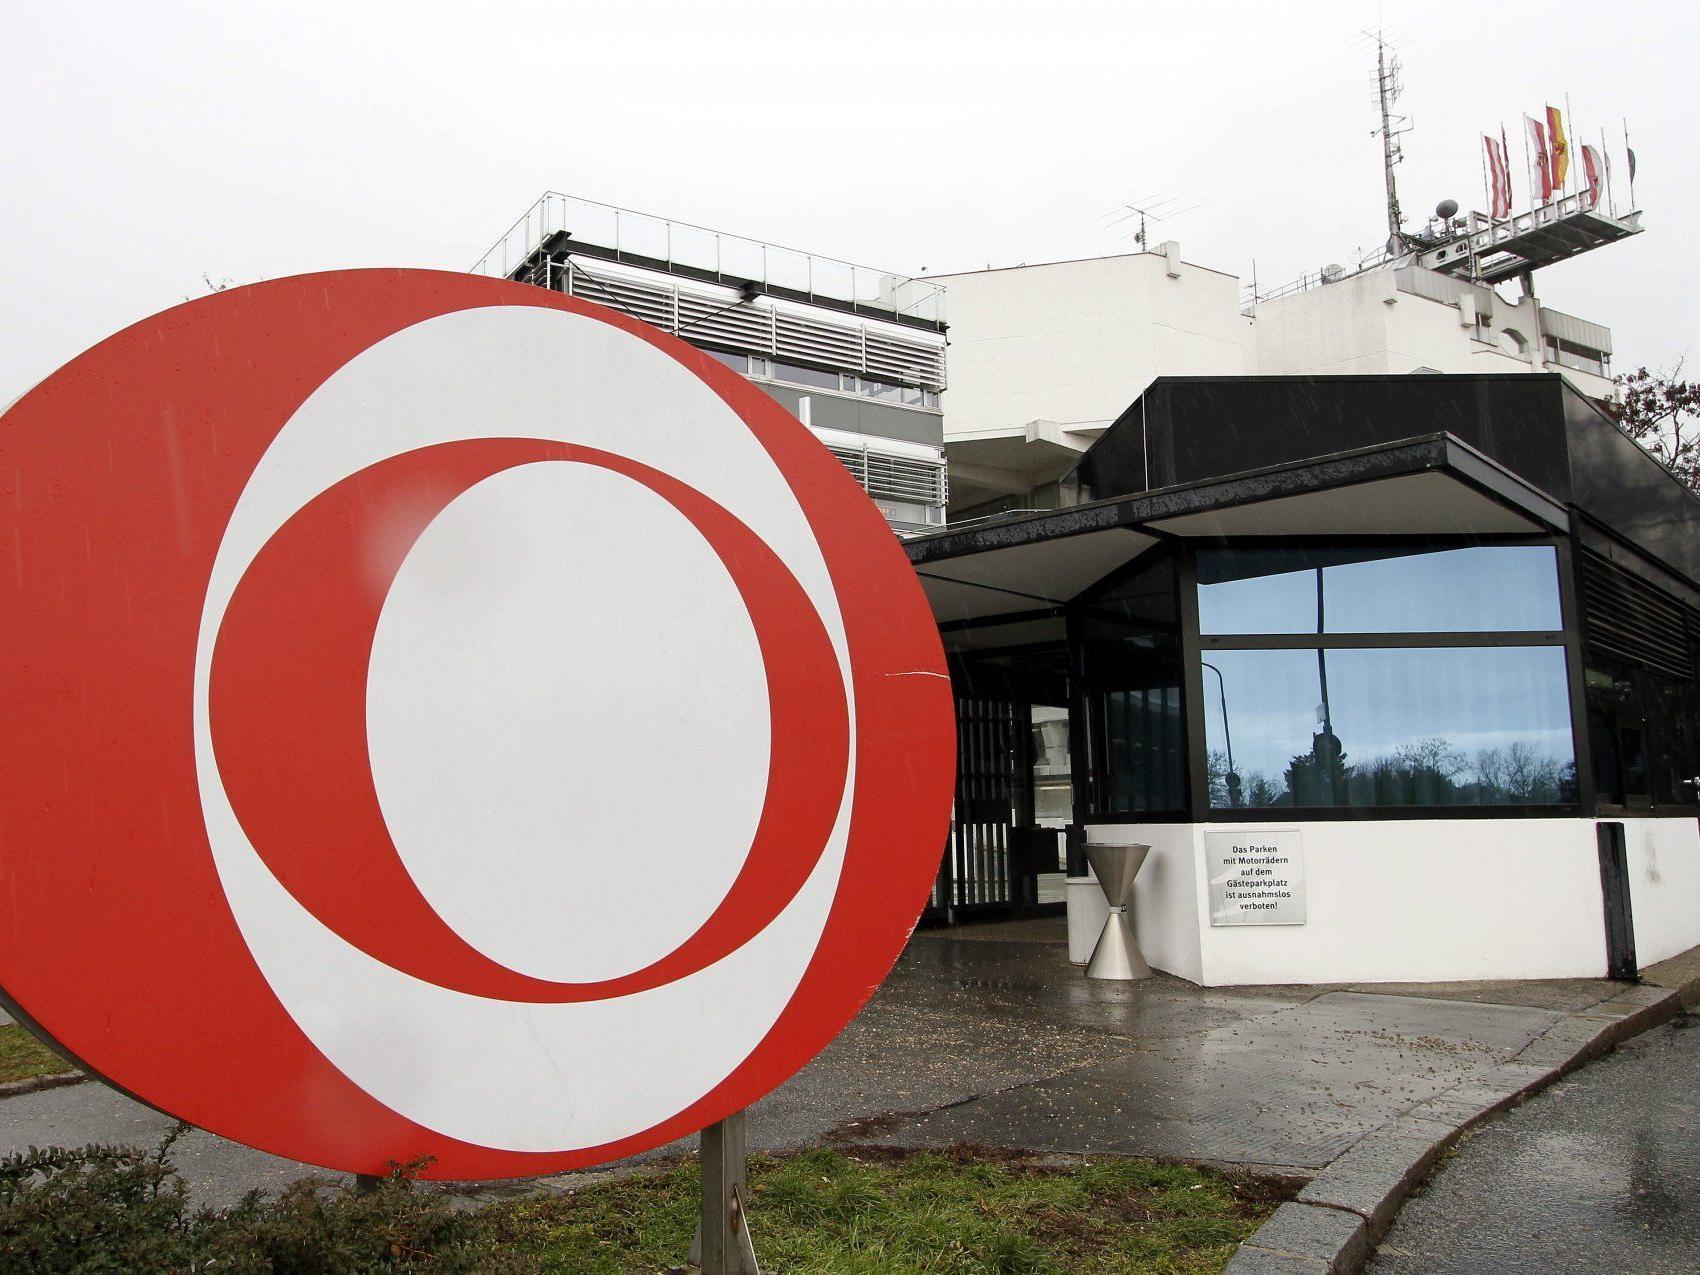 Der ORF verstößt mit seinen diversen Auftritten auf Facebook gegen das Gesetz.